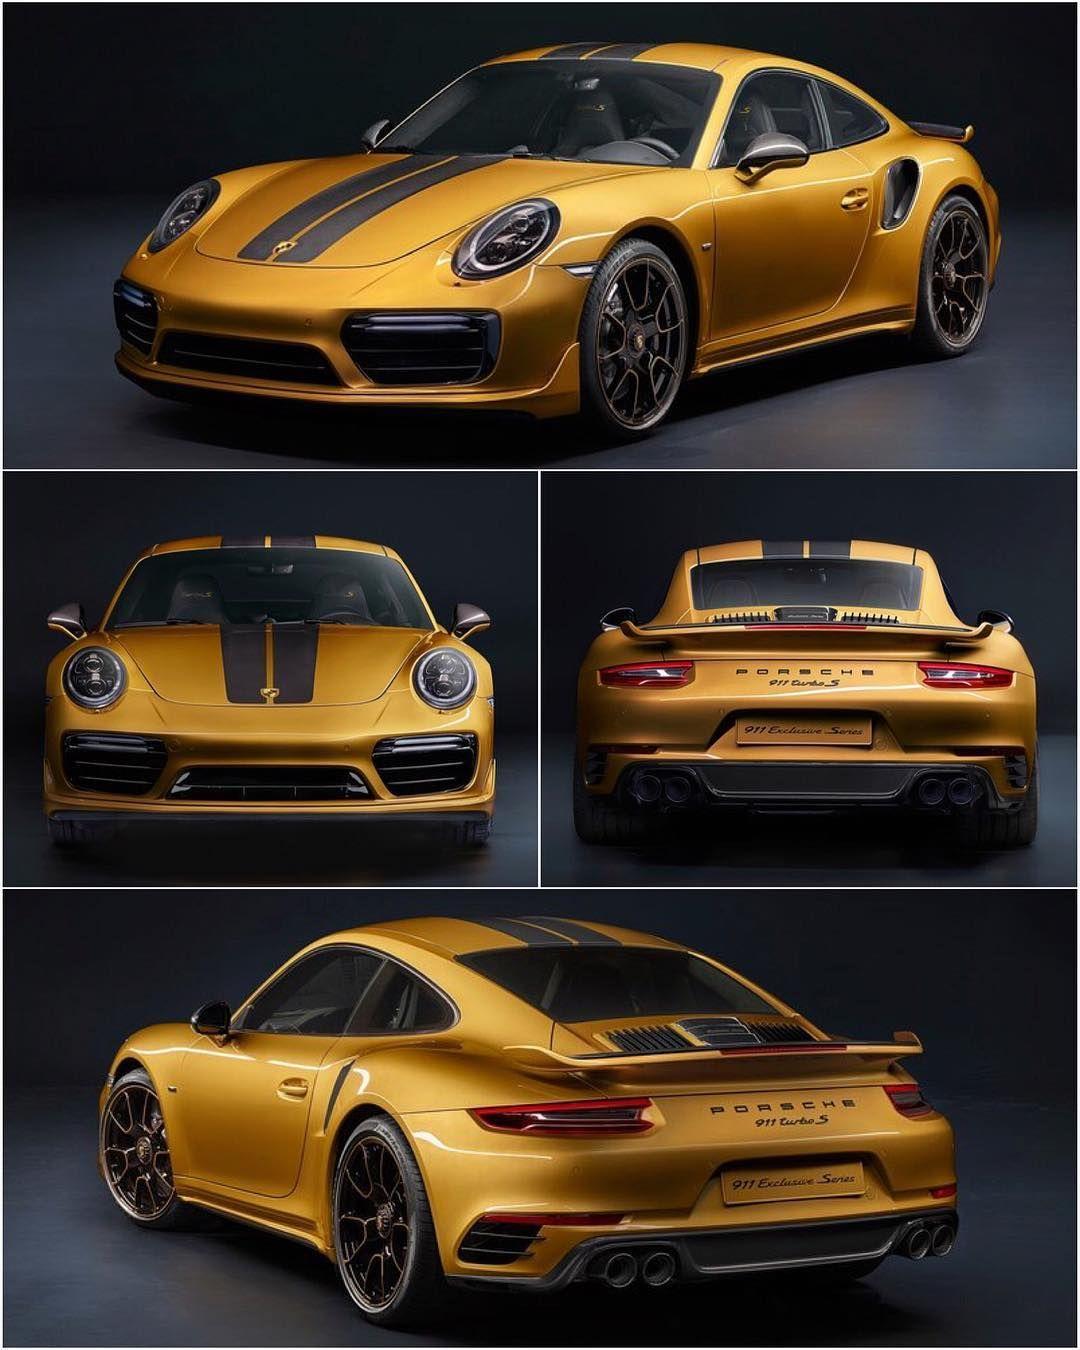 Top Porsche Cars: 186 Likes, 1 Comments - Blacklist Lifestyle